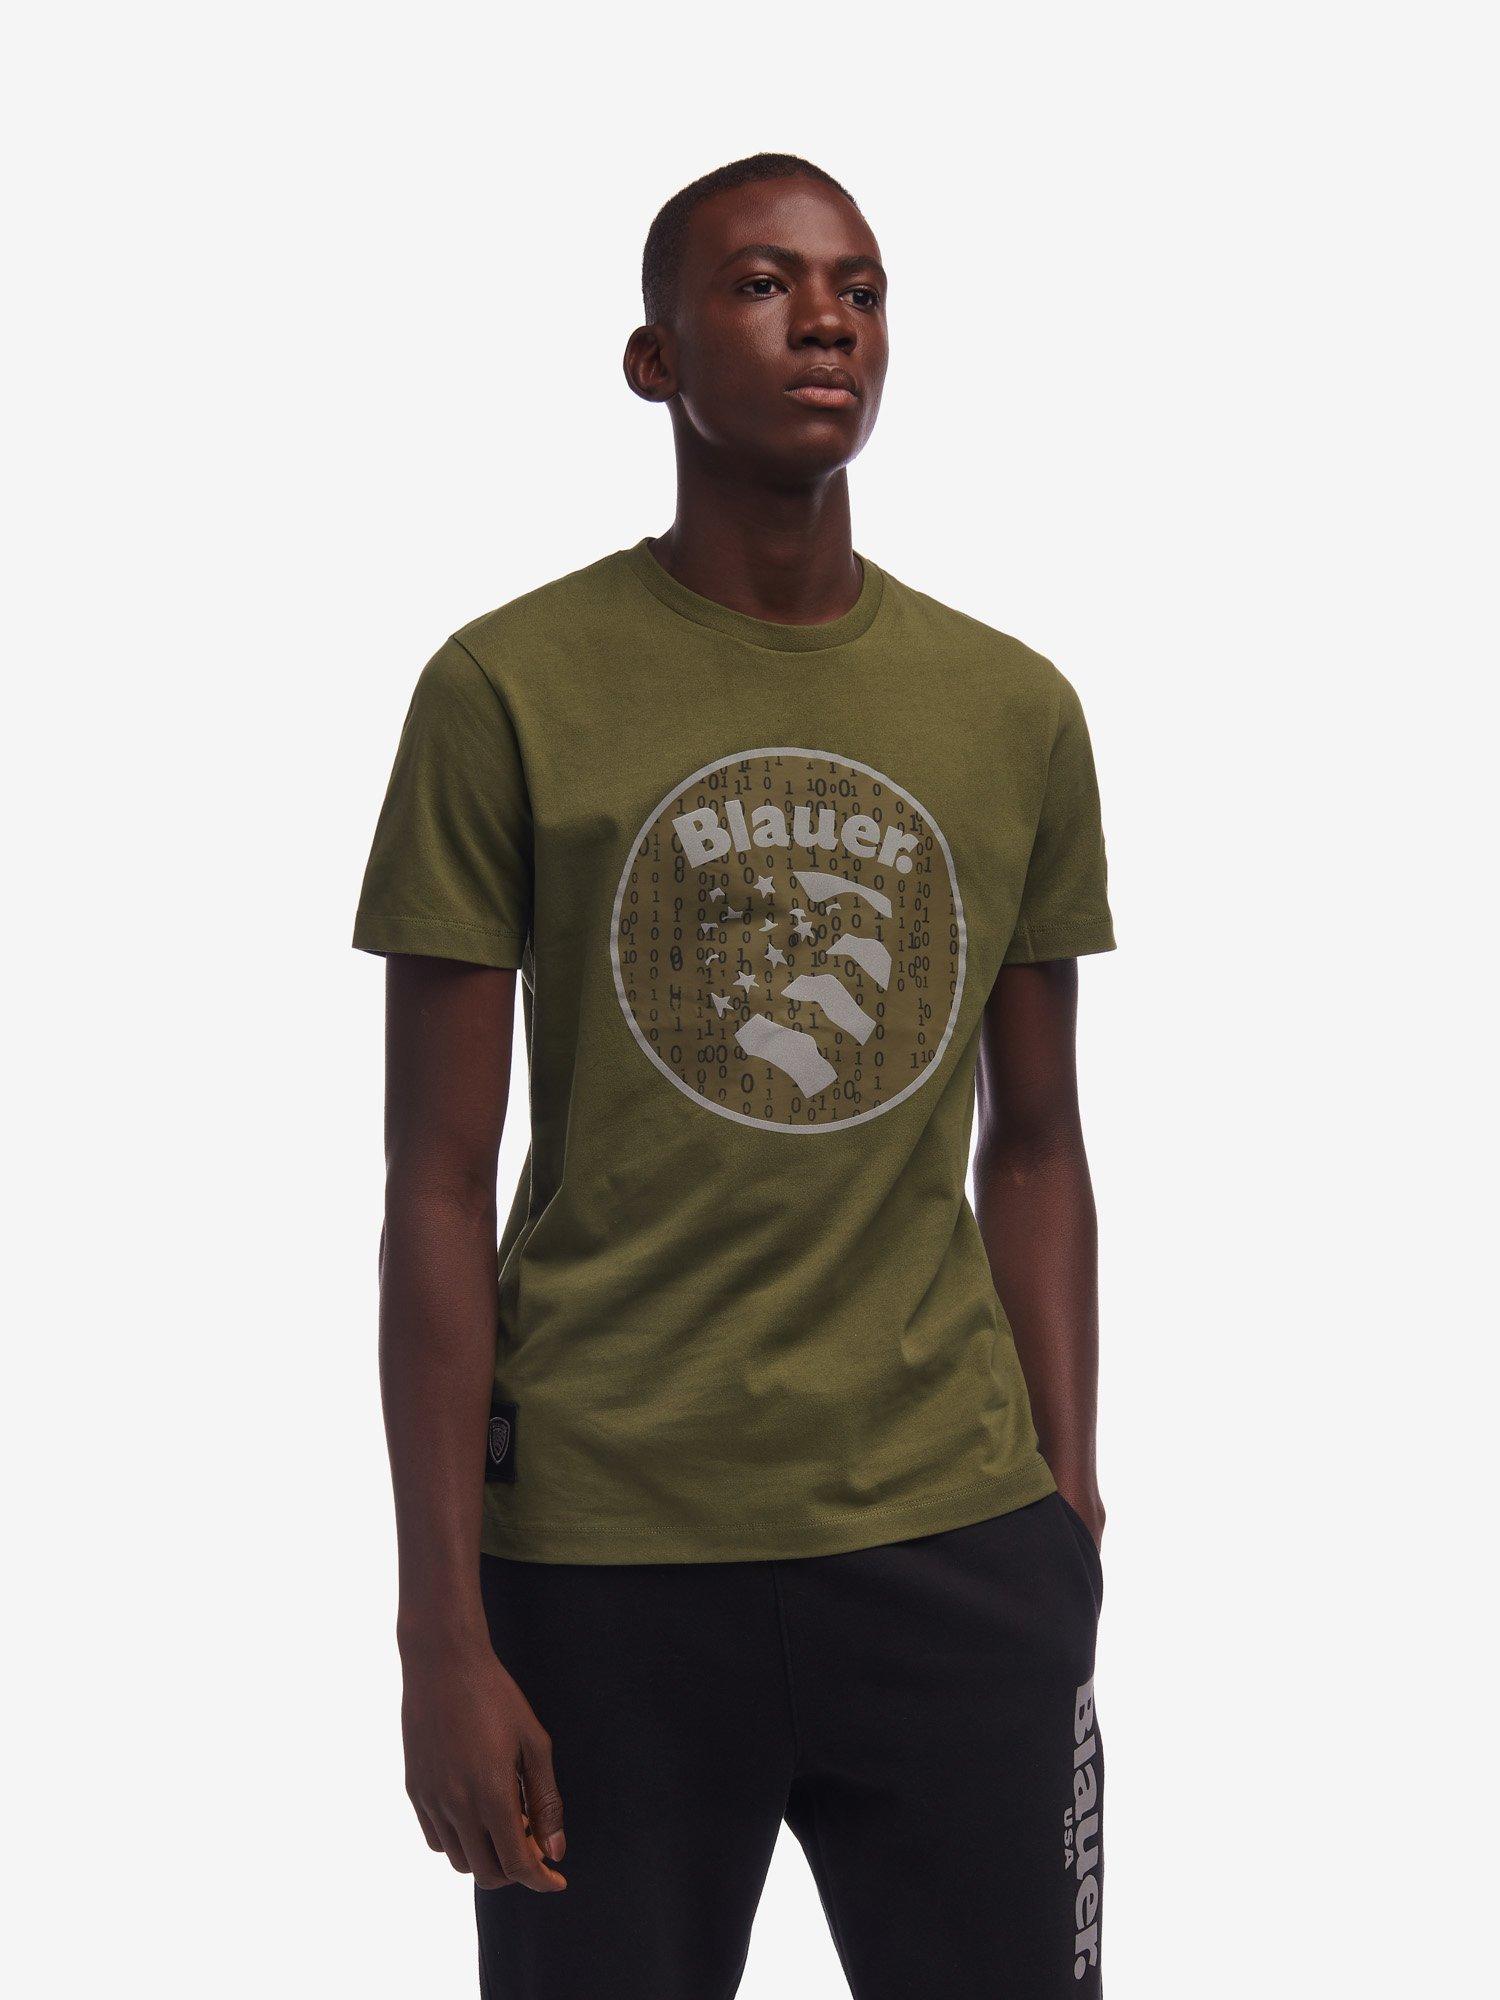 Blauer - SHORT SLEEVE 0110 T-SHIRT - Green Snake - Blauer